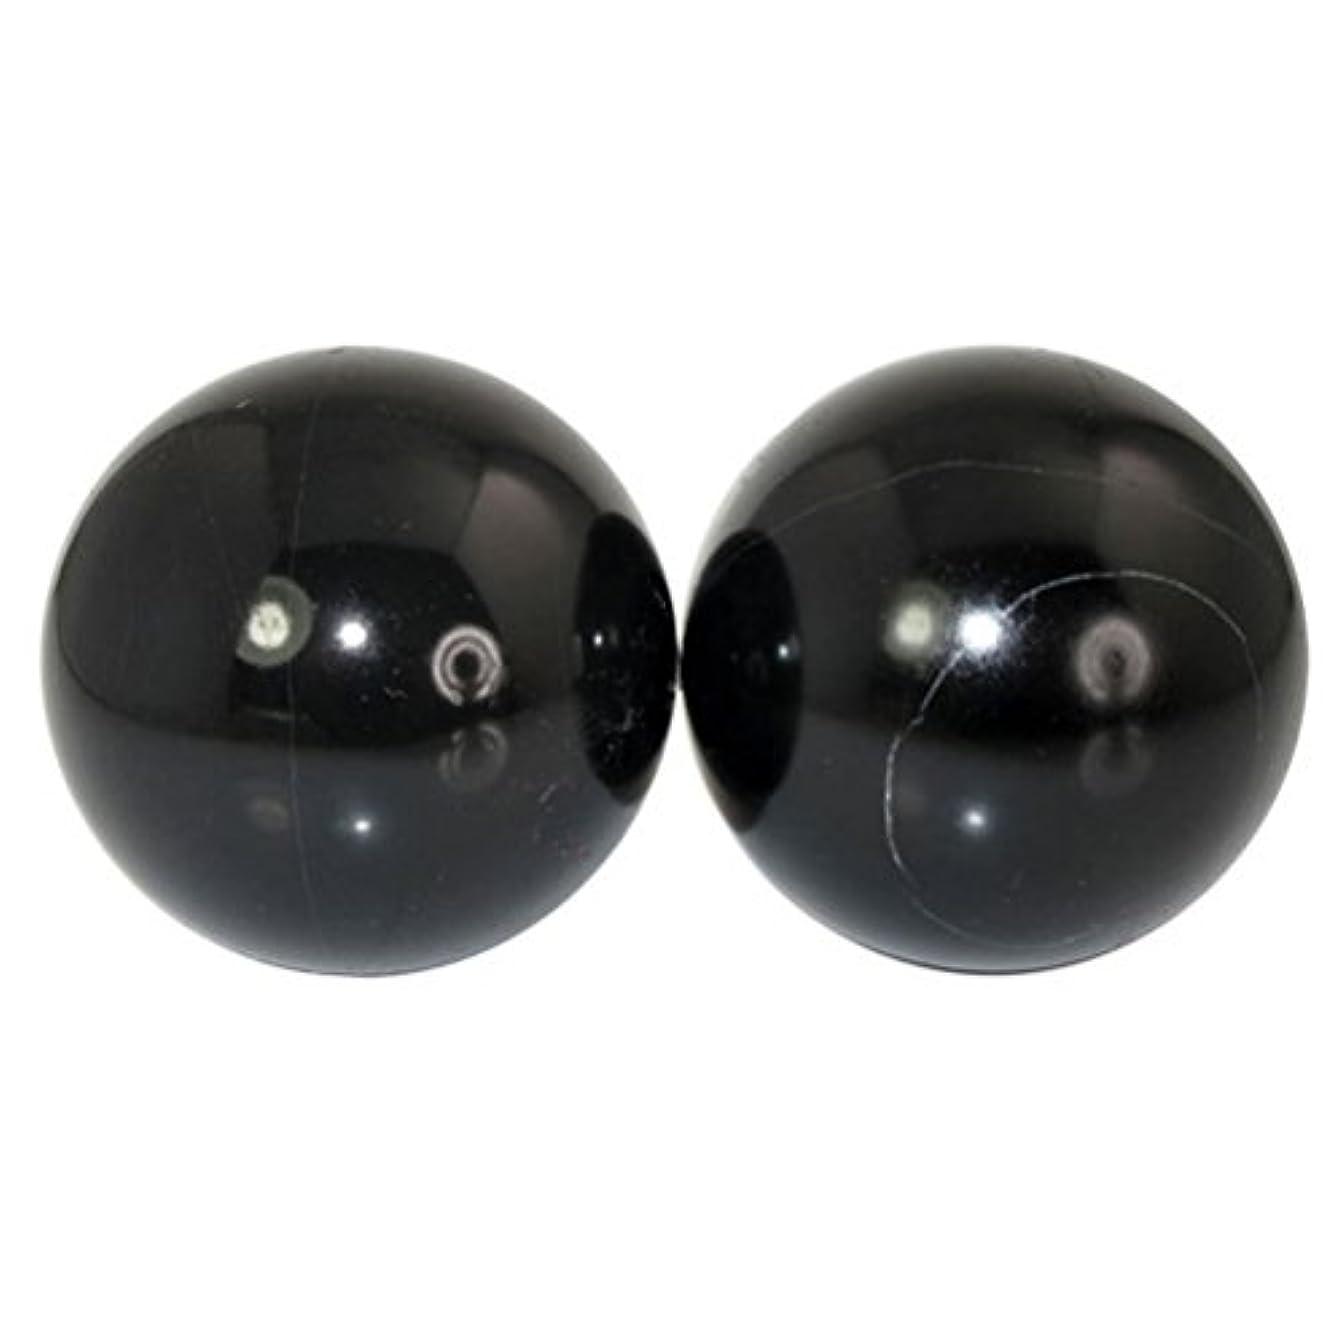 幸運口ひげ地中海ROSENICE 2本の天然石マッサージボール瞑想フィットネスハンドエクササイズヒーリングボール(手治療用)ストレスレリーフ(黒)